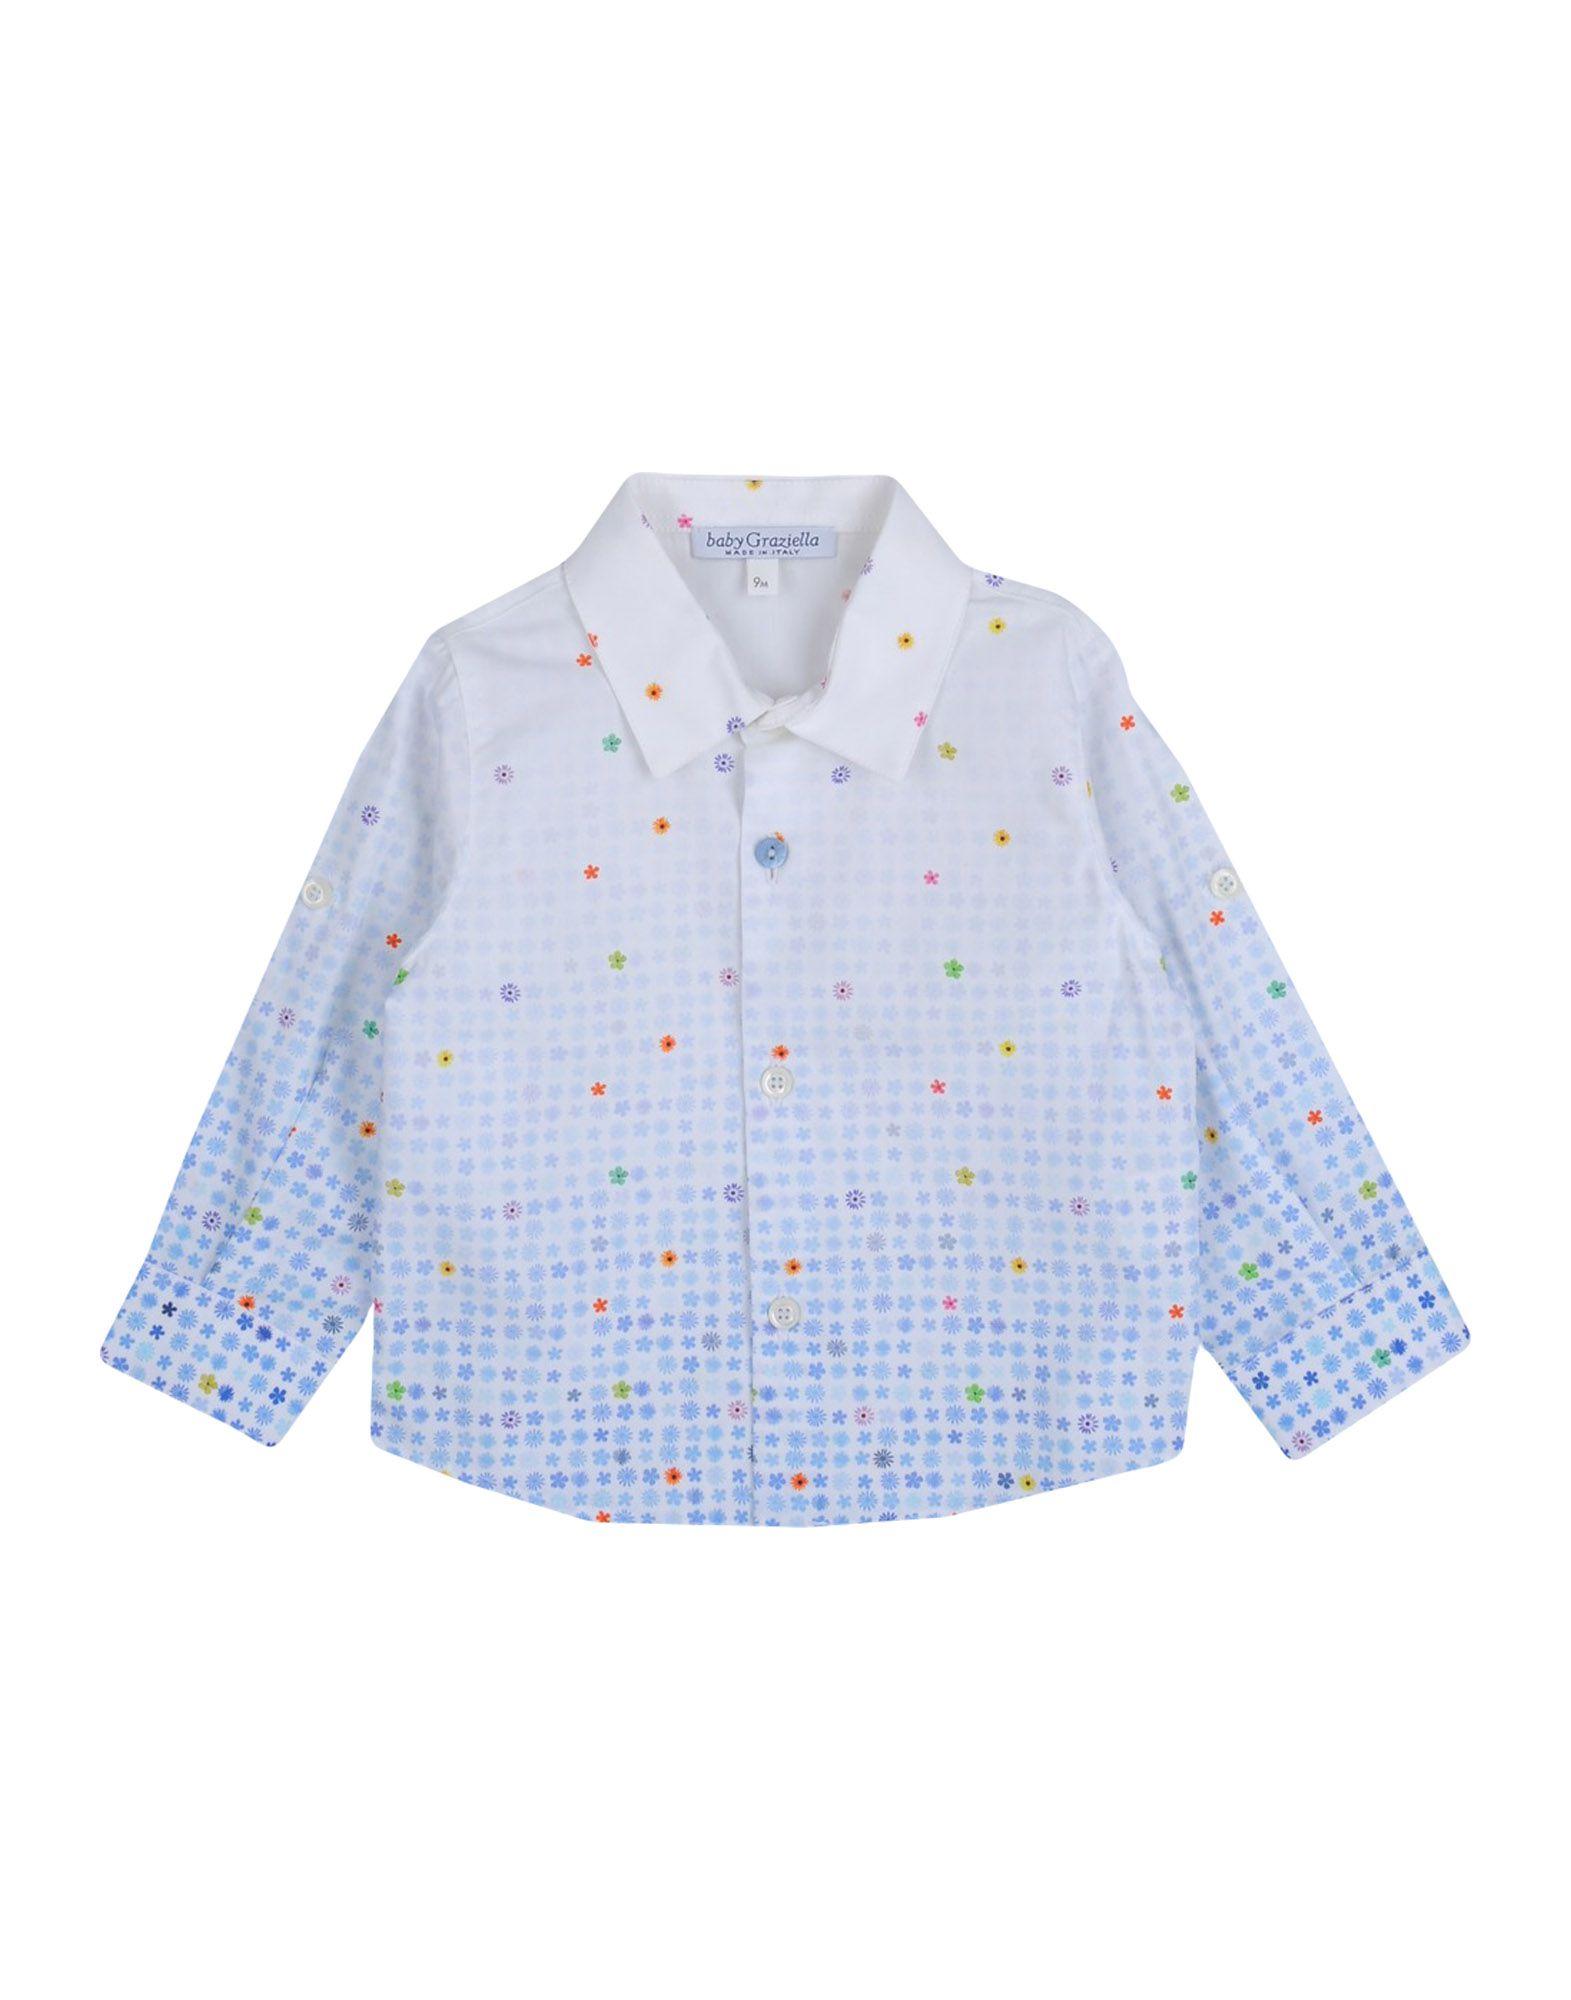 BABY GRAZIELLA Pубашка coccobirillo by baby graziella футболка